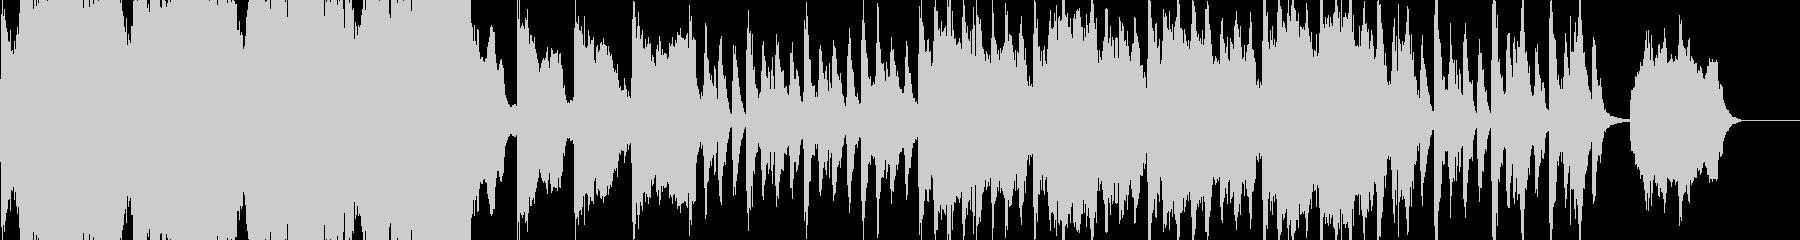 ダークファンタジー 荘厳なオーケストラの未再生の波形